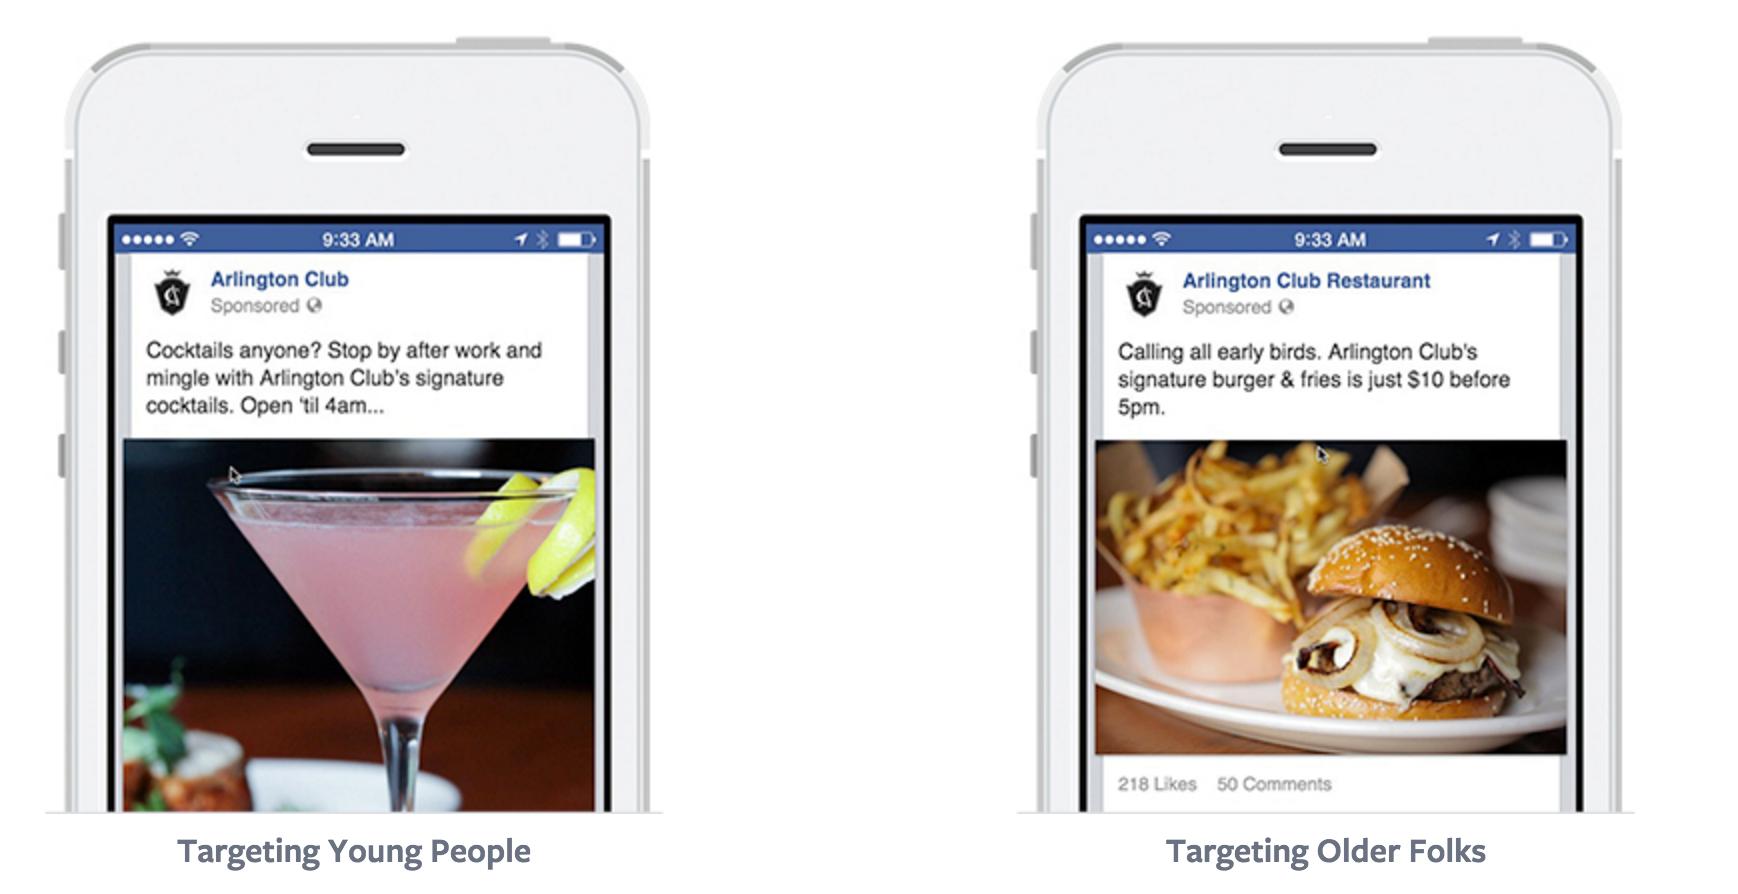 estrategias de copia de anuncios de facebook ejemplos de anuncios de facebook.